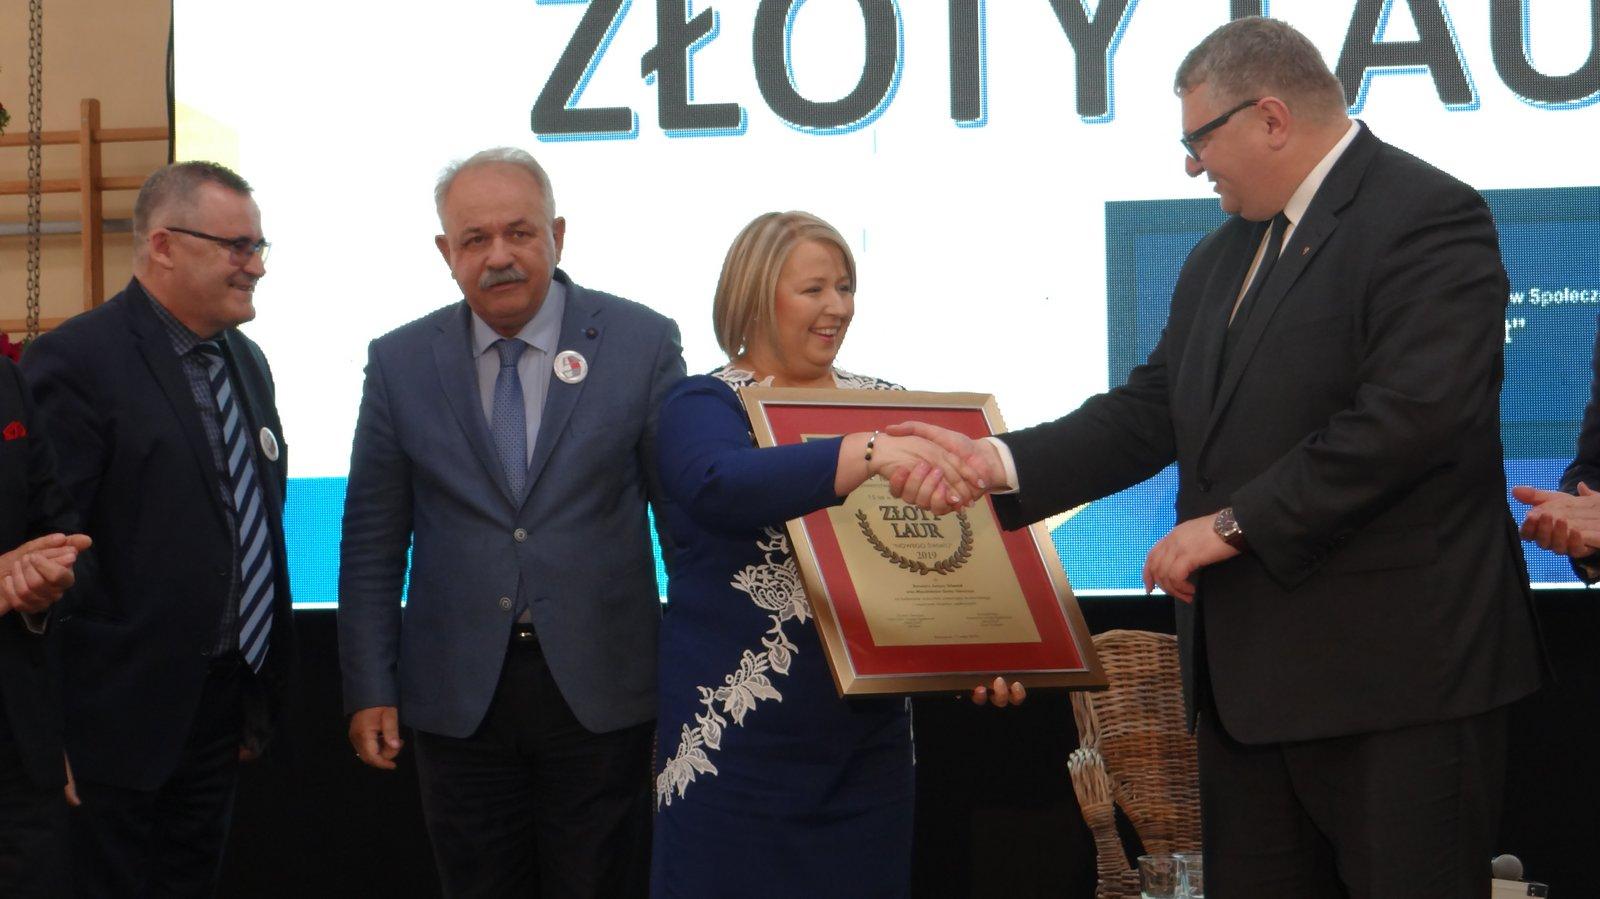 dsc09478 - Wielkopolska zaradność i pracowitość doceniona na Forum Wielkopolskiej Wsi Europejskiej